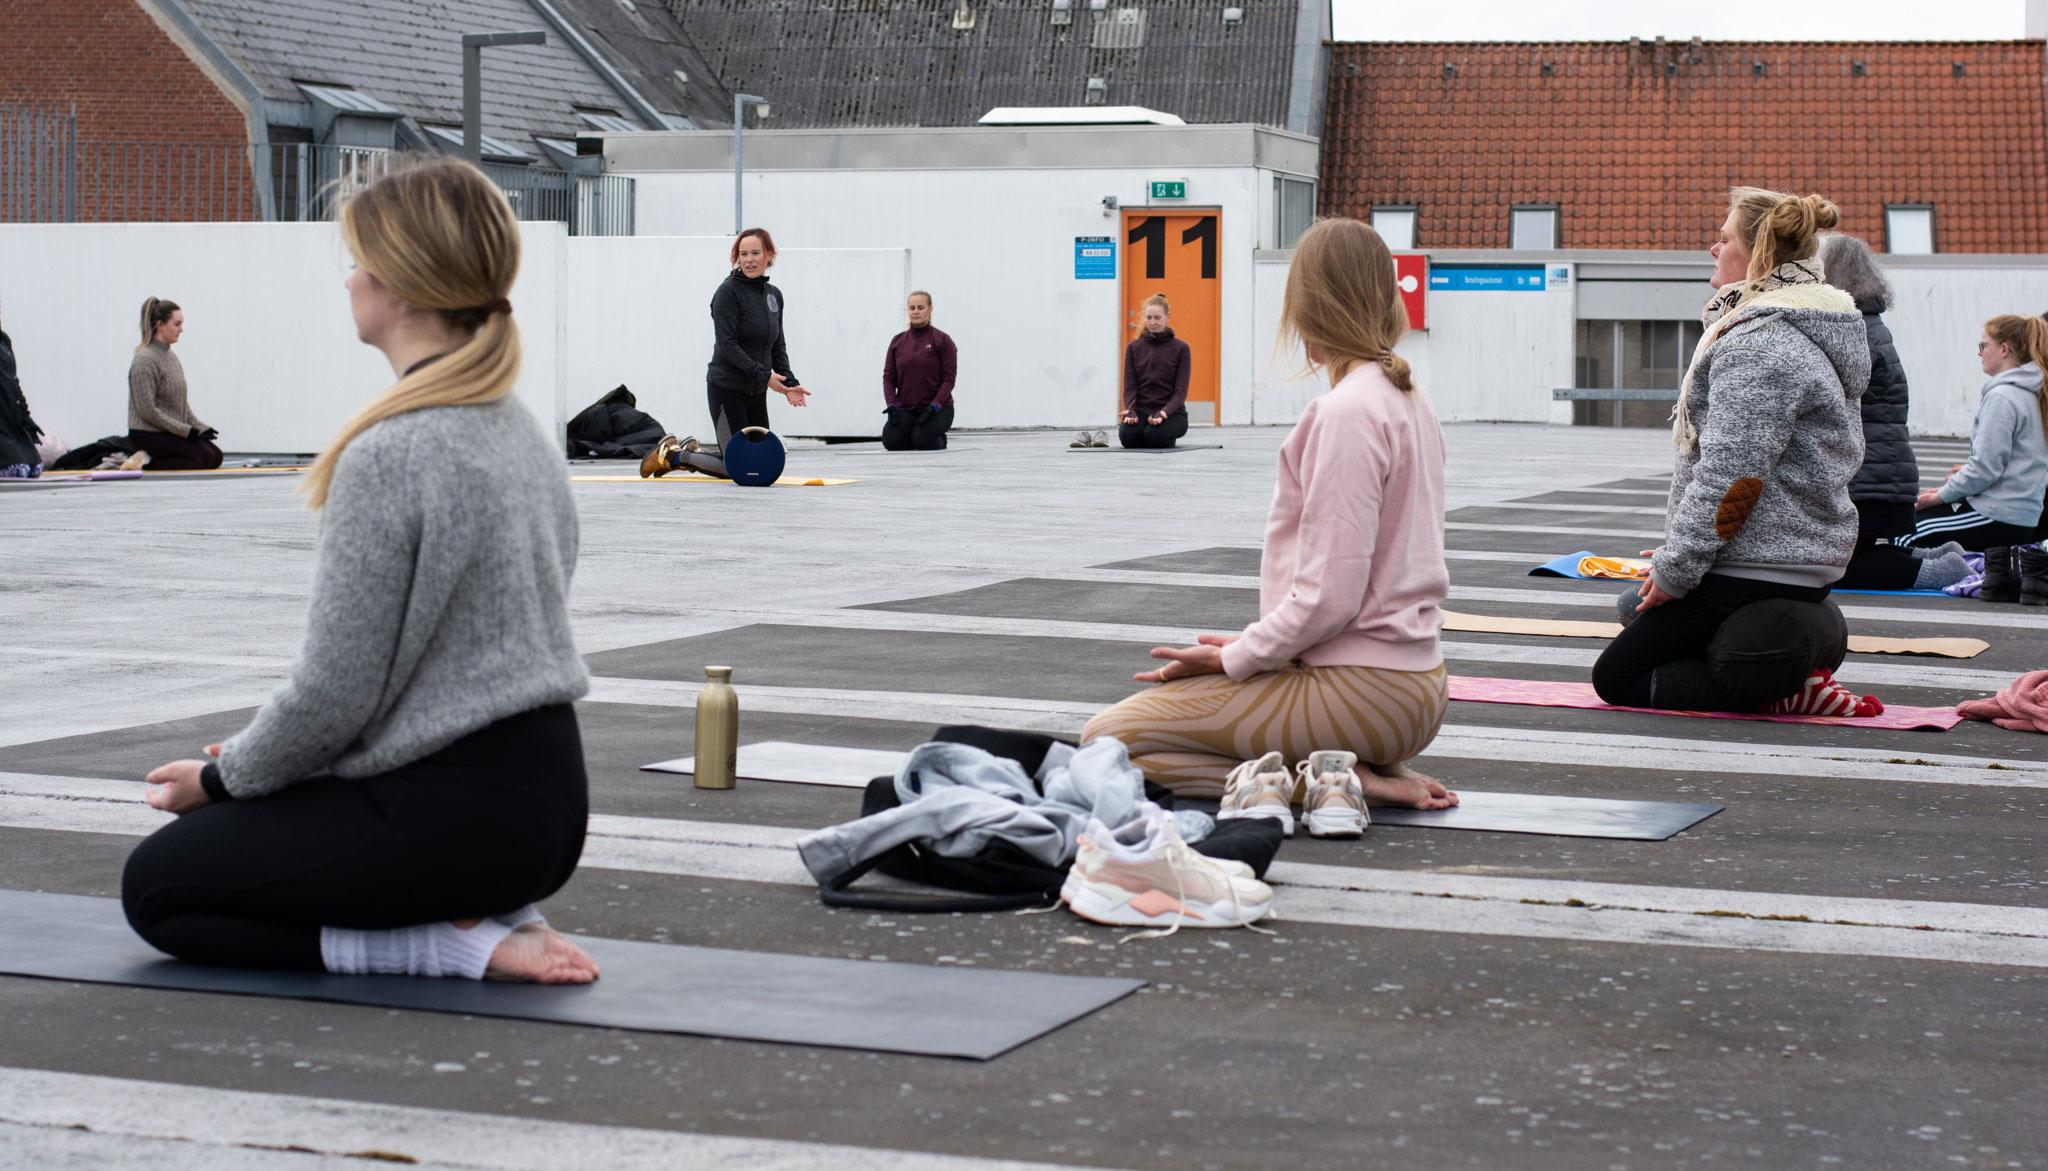 Nedlukning eller ej?: Yogaevent i P-hus tog uventet drejning